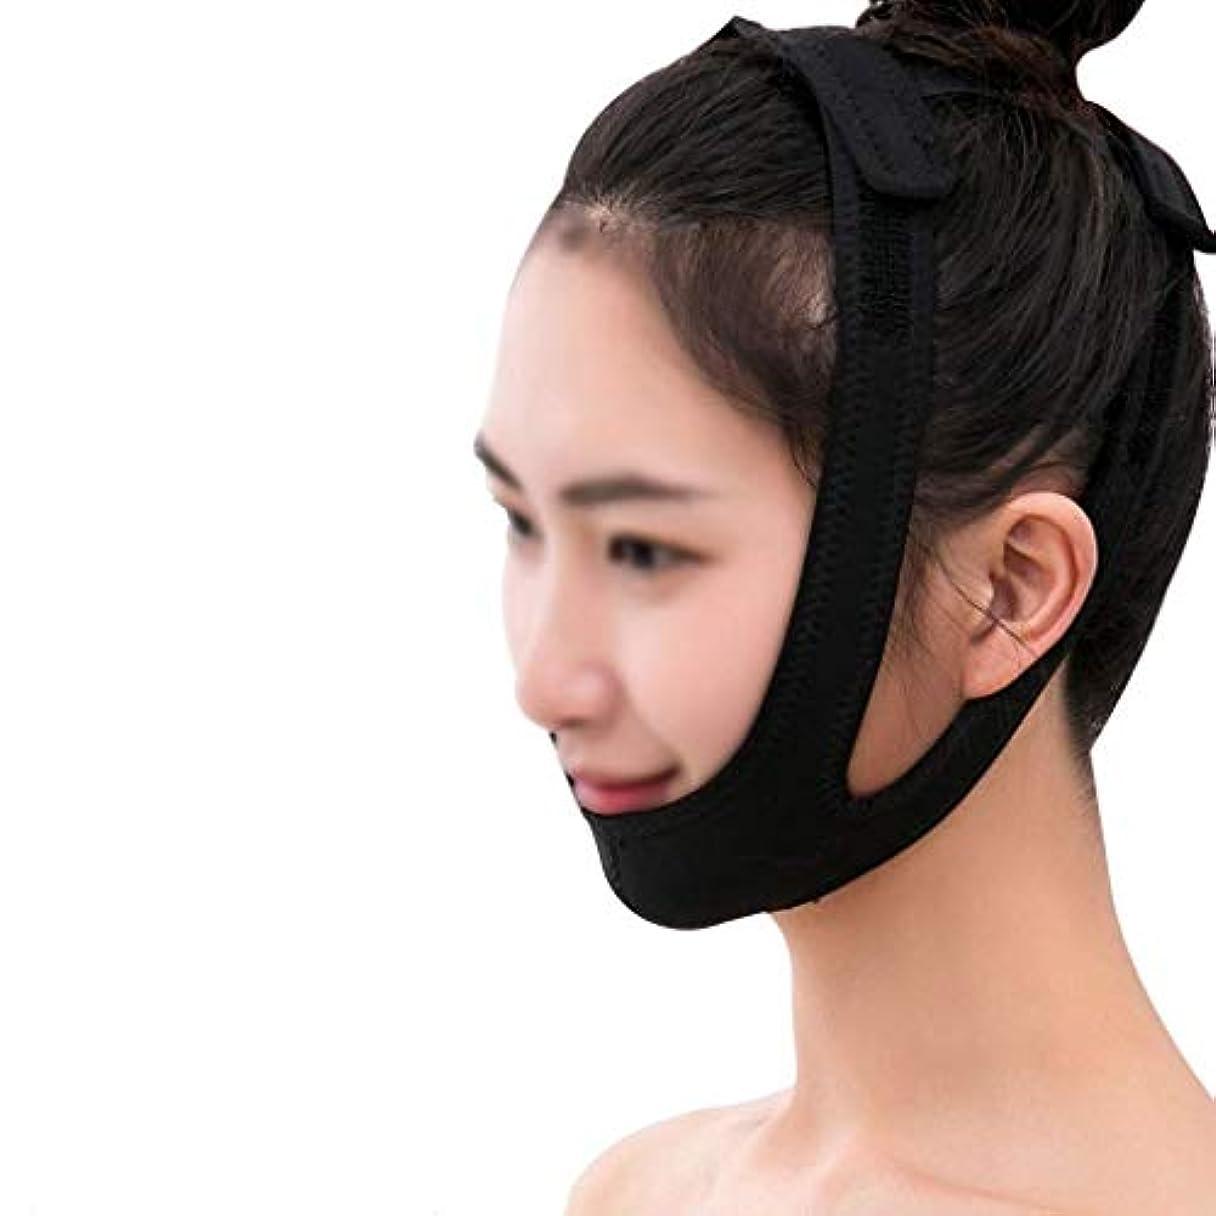 コンパニオン帰るテキストフェイシャルリフティングマスク、医療用ワイヤーカービングリカバリーヘッドギアVフェイスバンデージダブルチンフェイスリフトマスク